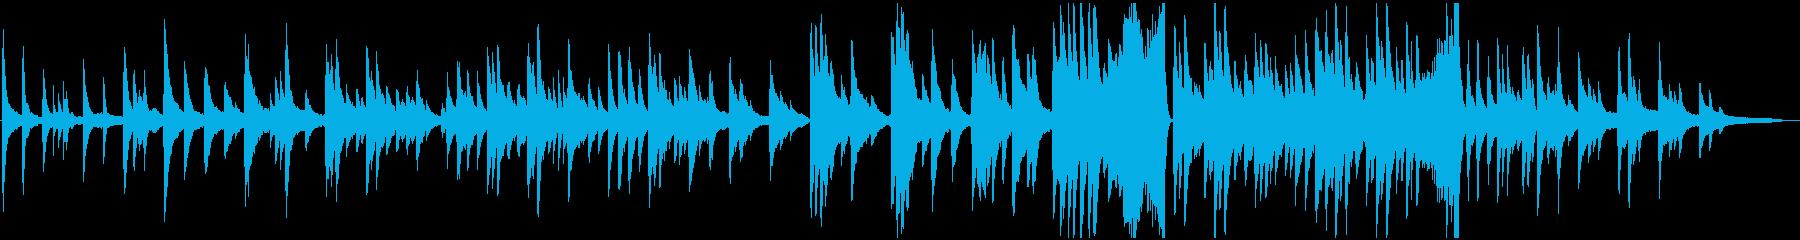 切ない和風バラードインストの再生済みの波形